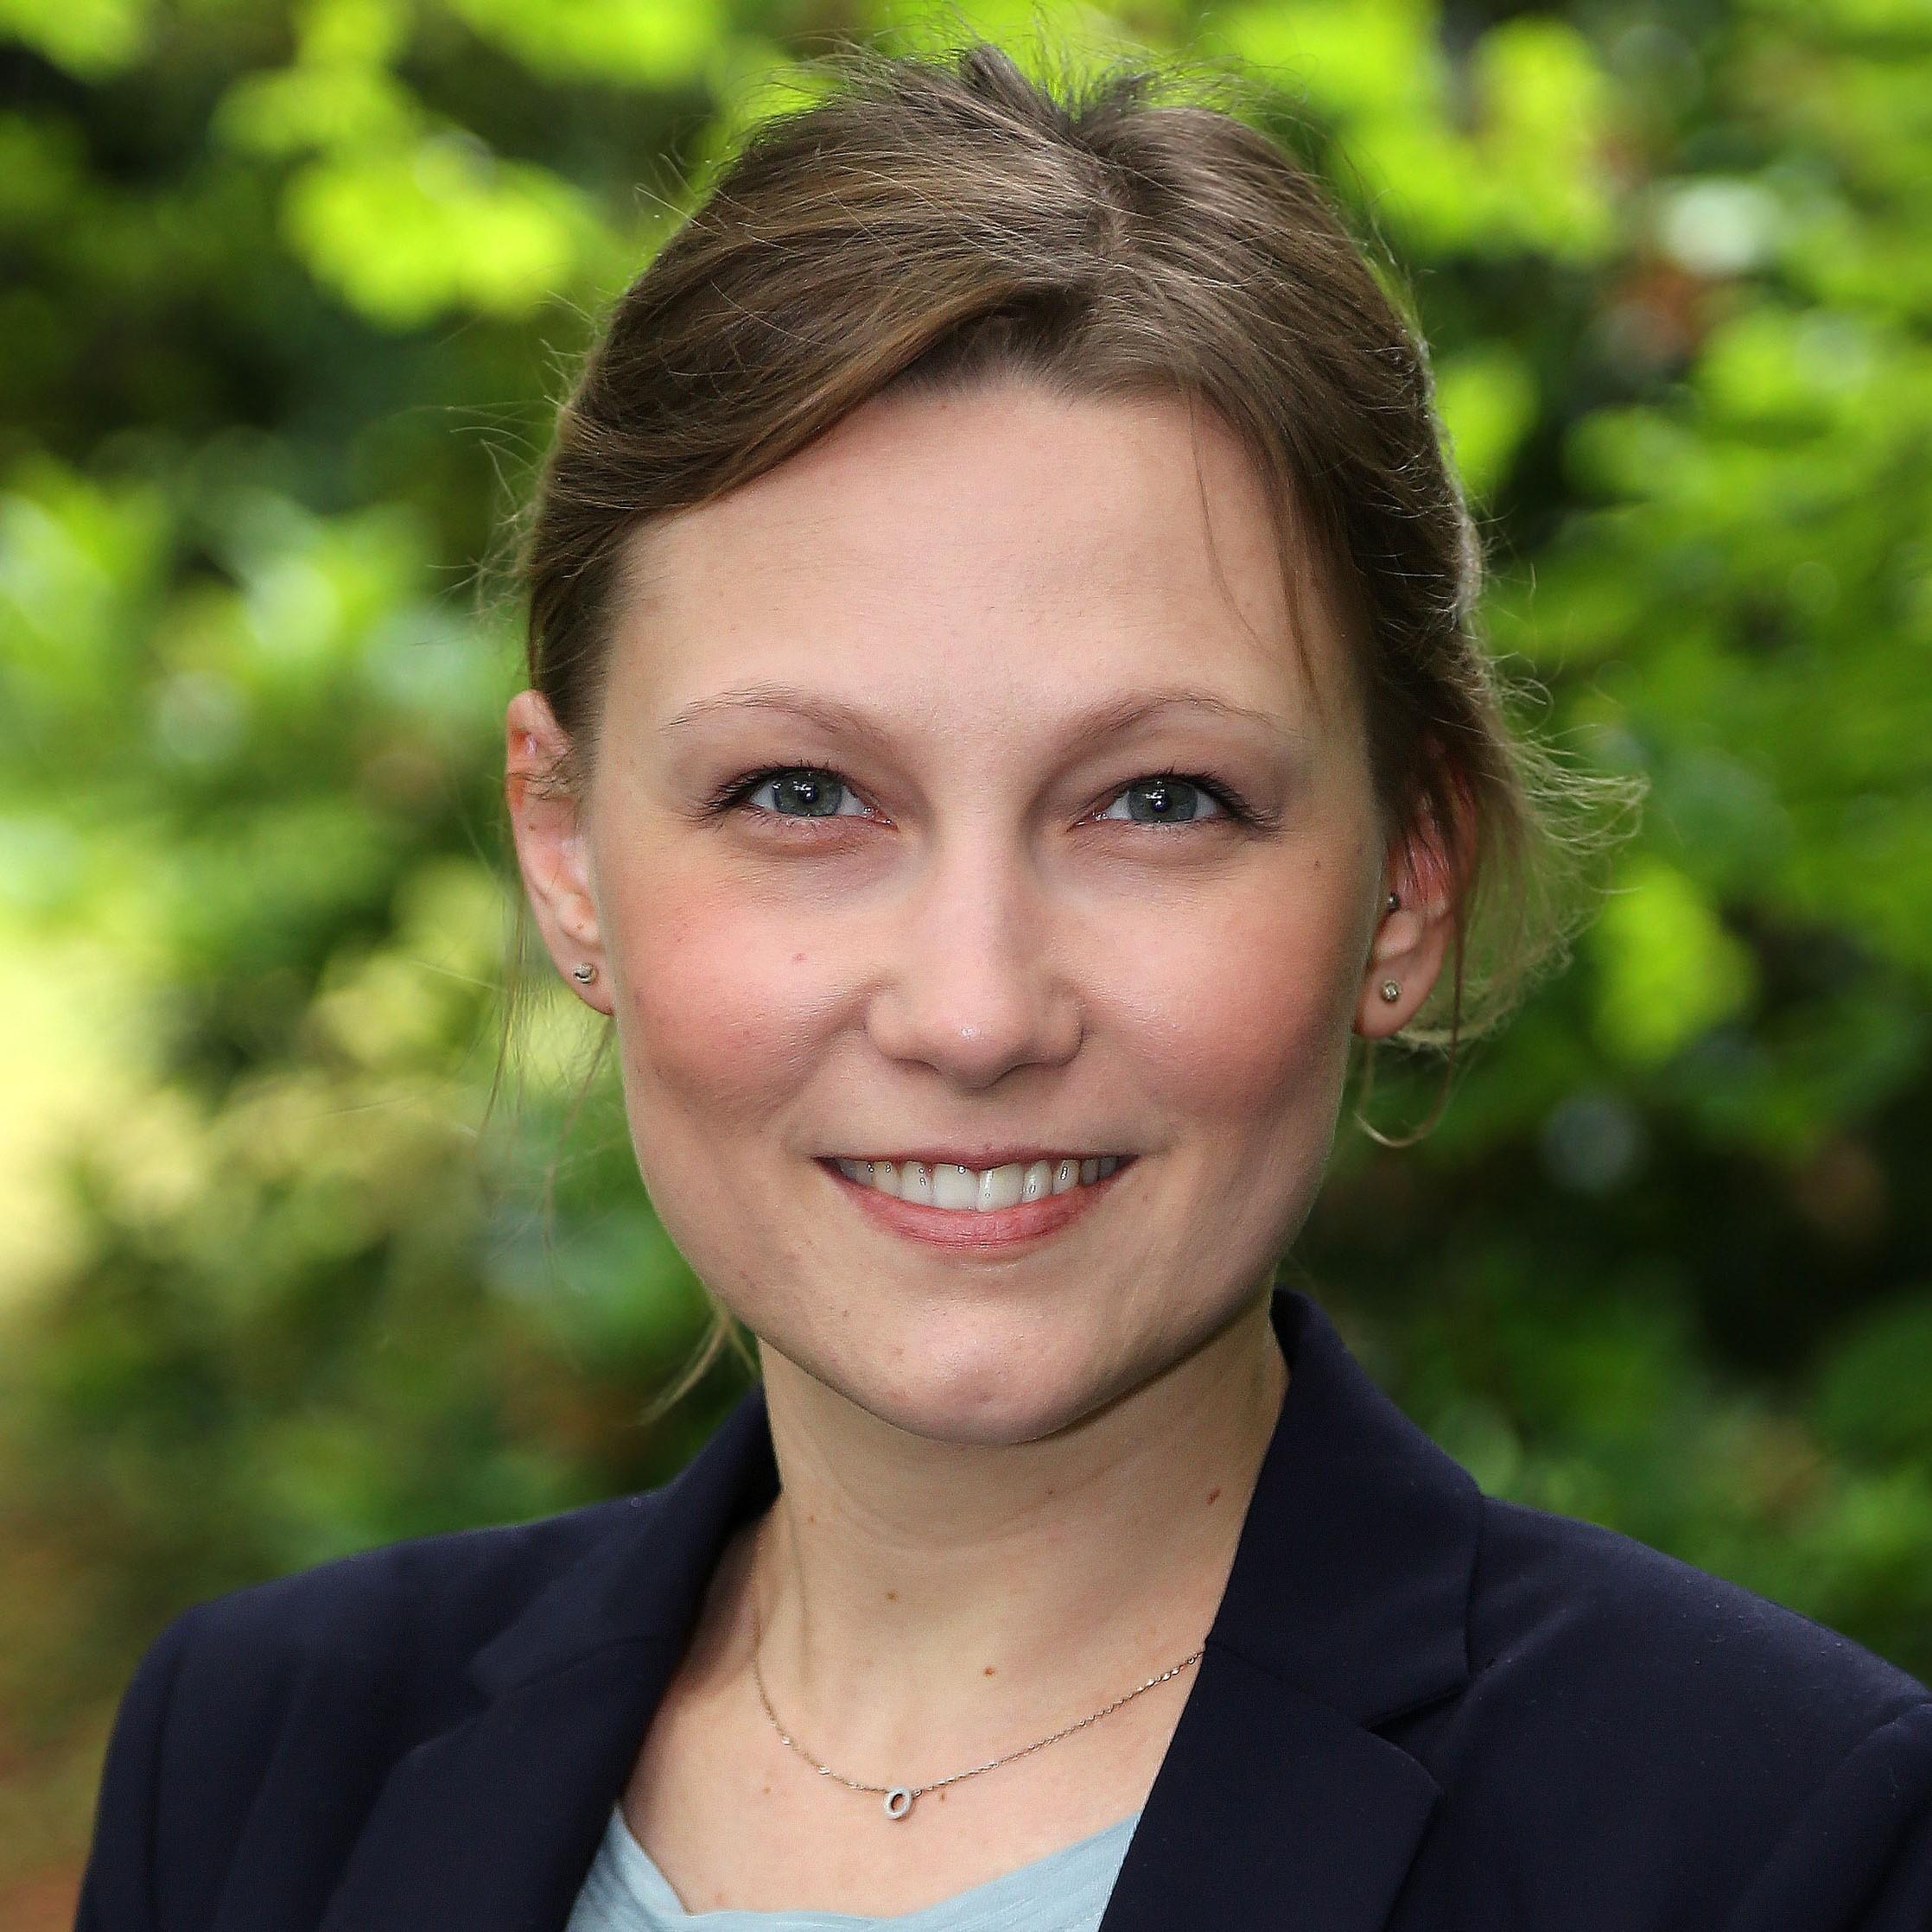 Nicole Schulz